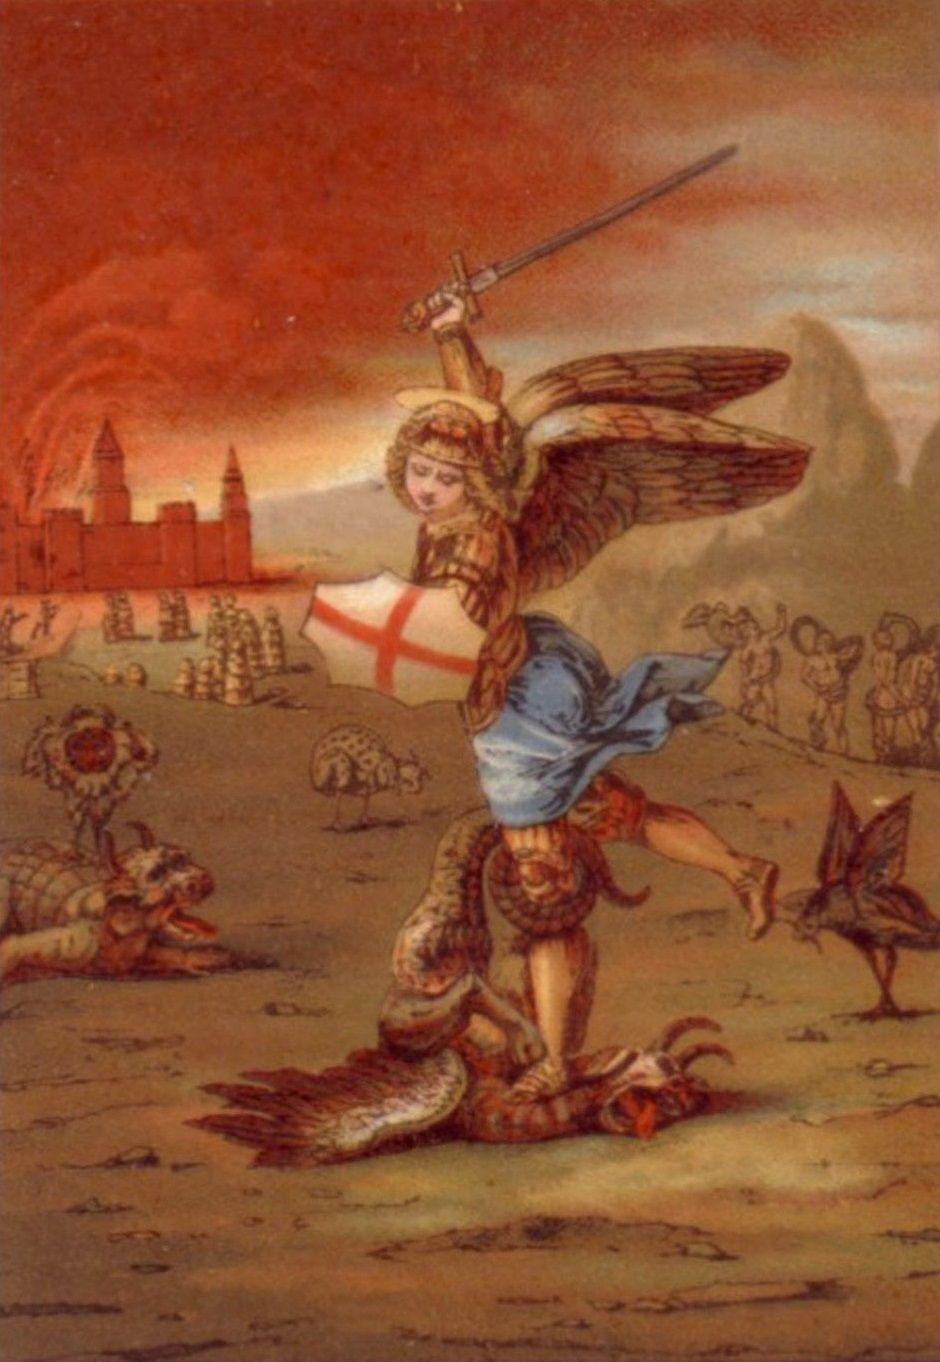 A Festa De Sao Miguel Arcanjo E Celebrada No Dia 29 De Setembro